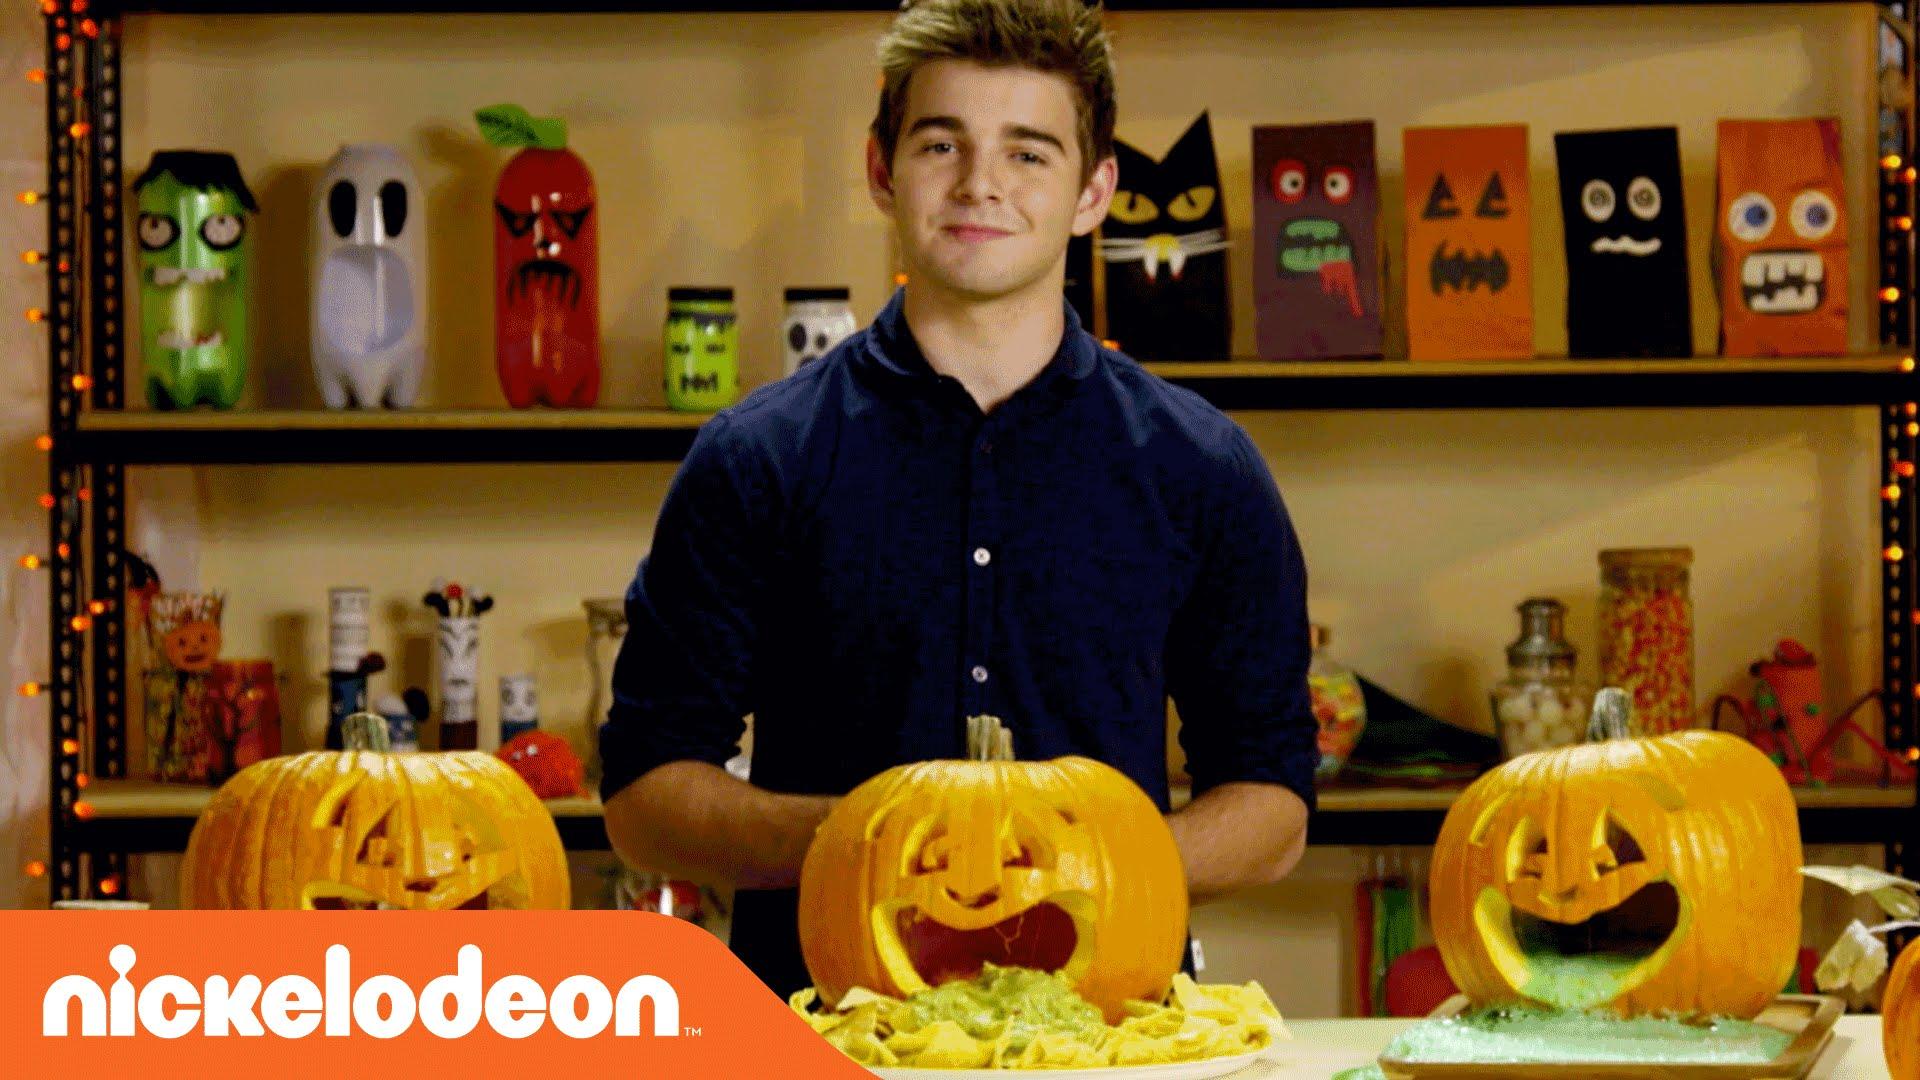 「萬聖節快樂! 一起動手做『嘔吐南瓜』」- Creating Puking Pumpkins